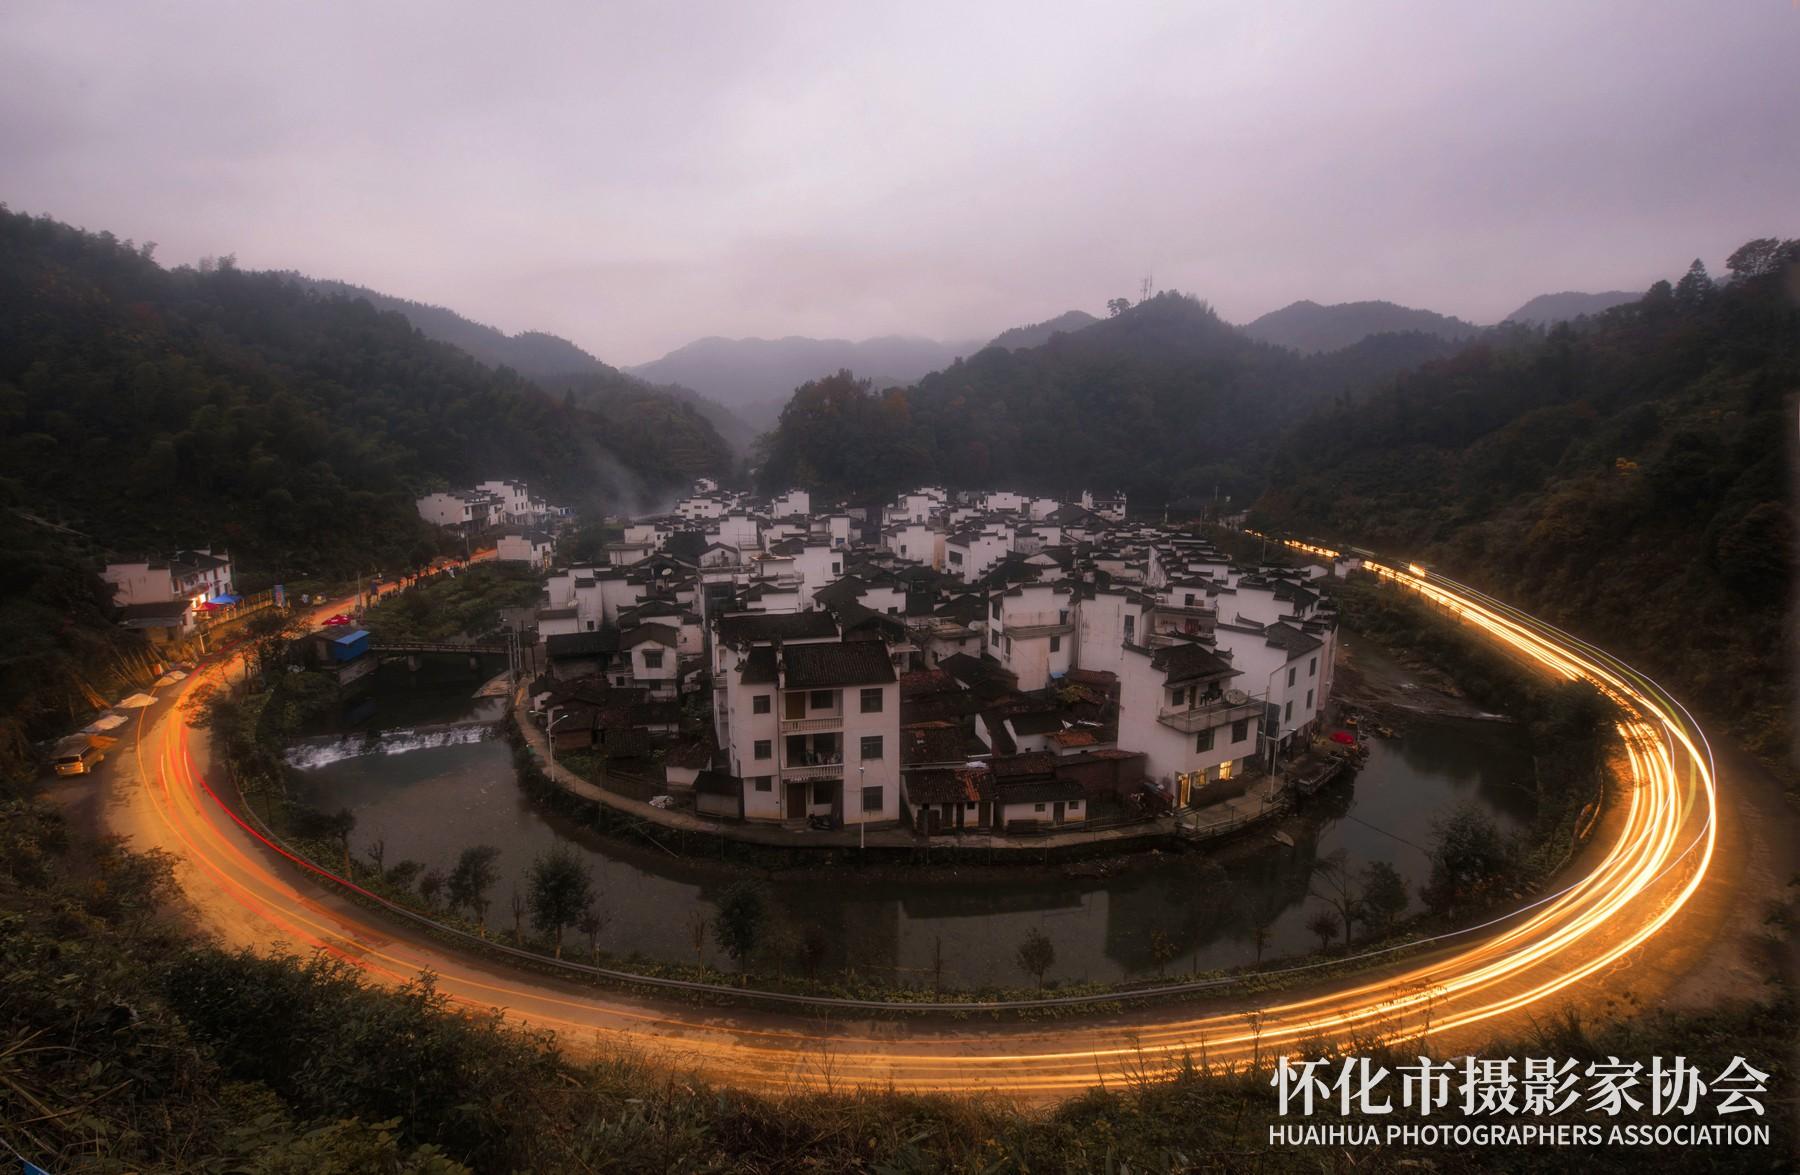 《夜幕下的菊径》吴小平